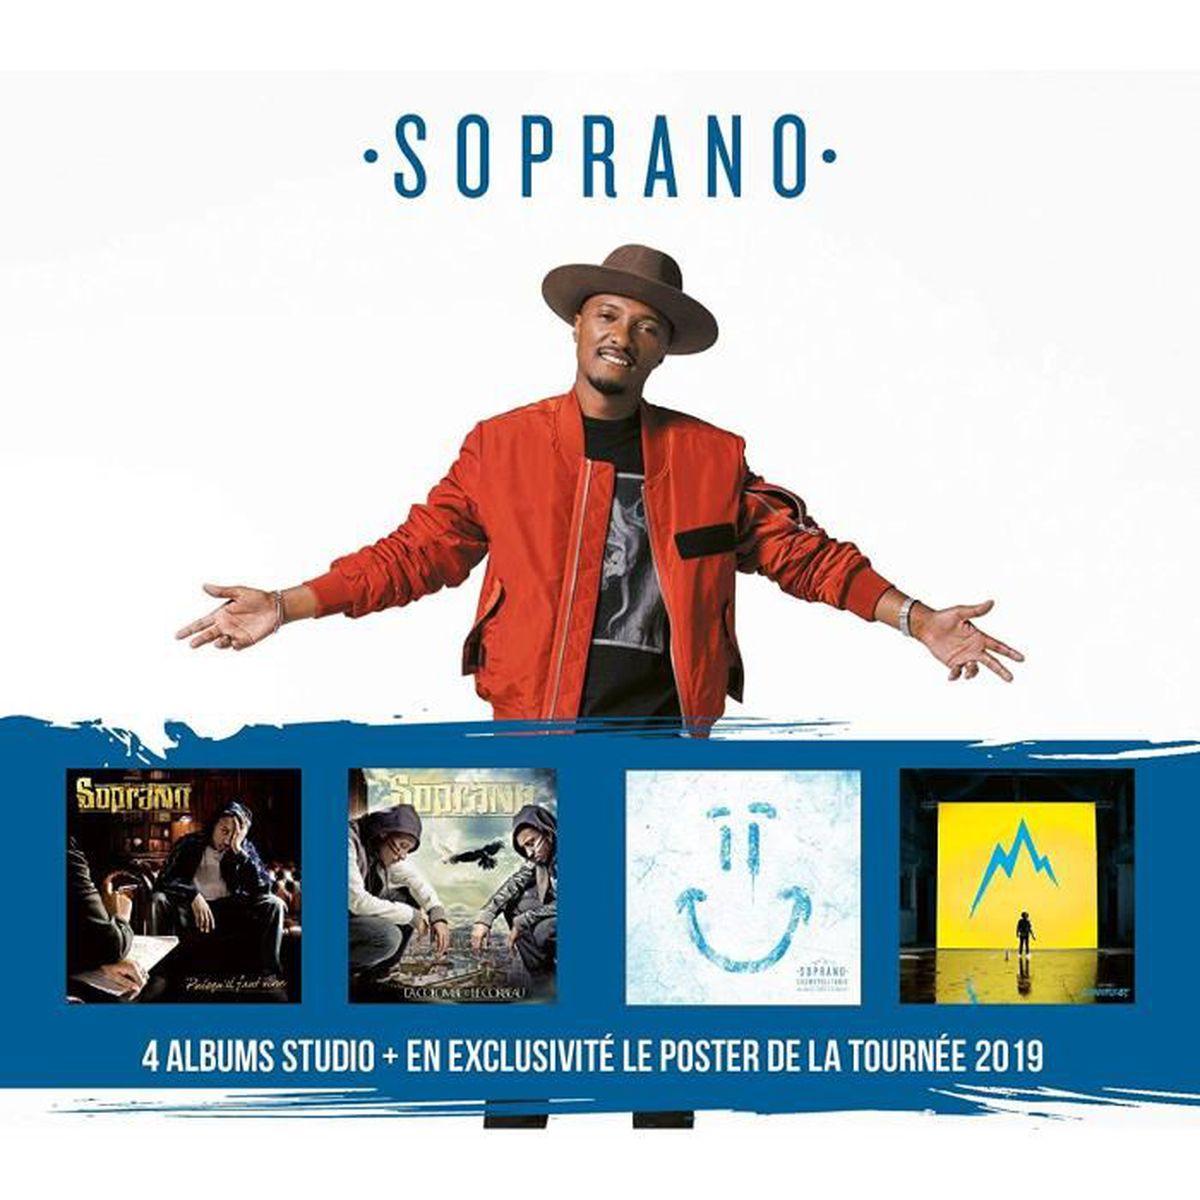 CD VARIÉTÉ FRANÇAISE Soprano - Coffret 4 albums + poster - 6CD - 90 Tit